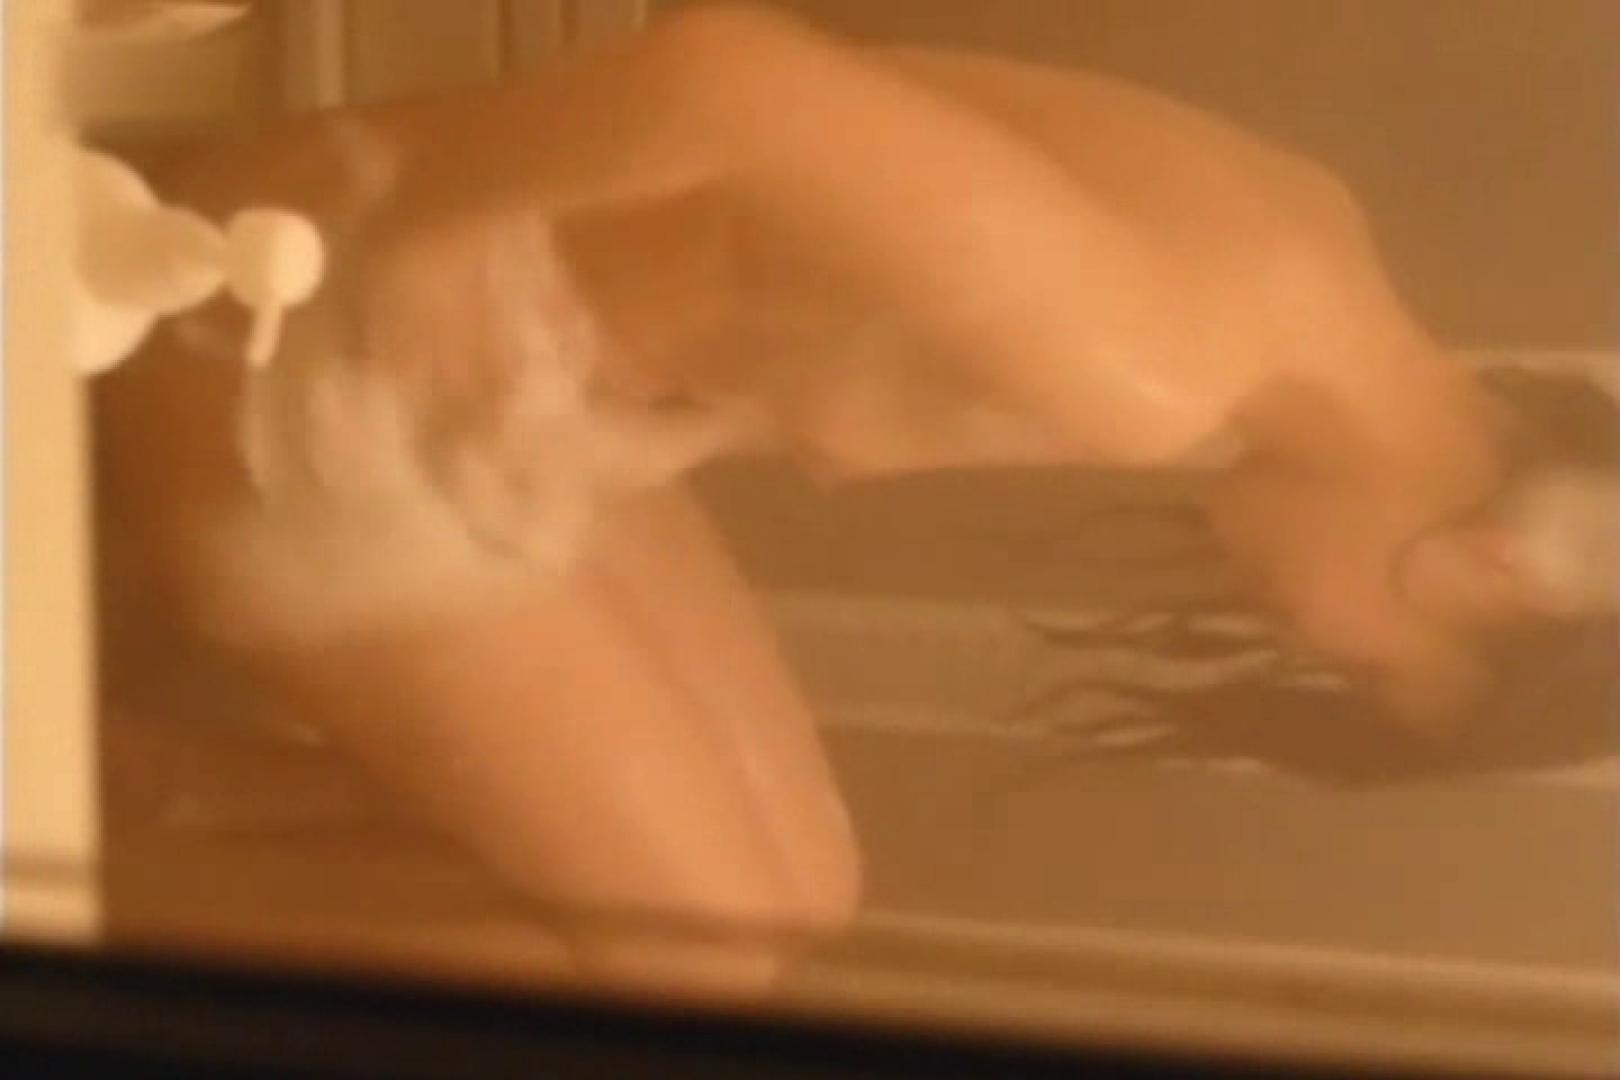 愛する彼女の風呂ストーカー盗撮 vol.001 盗撮  64PICs 4